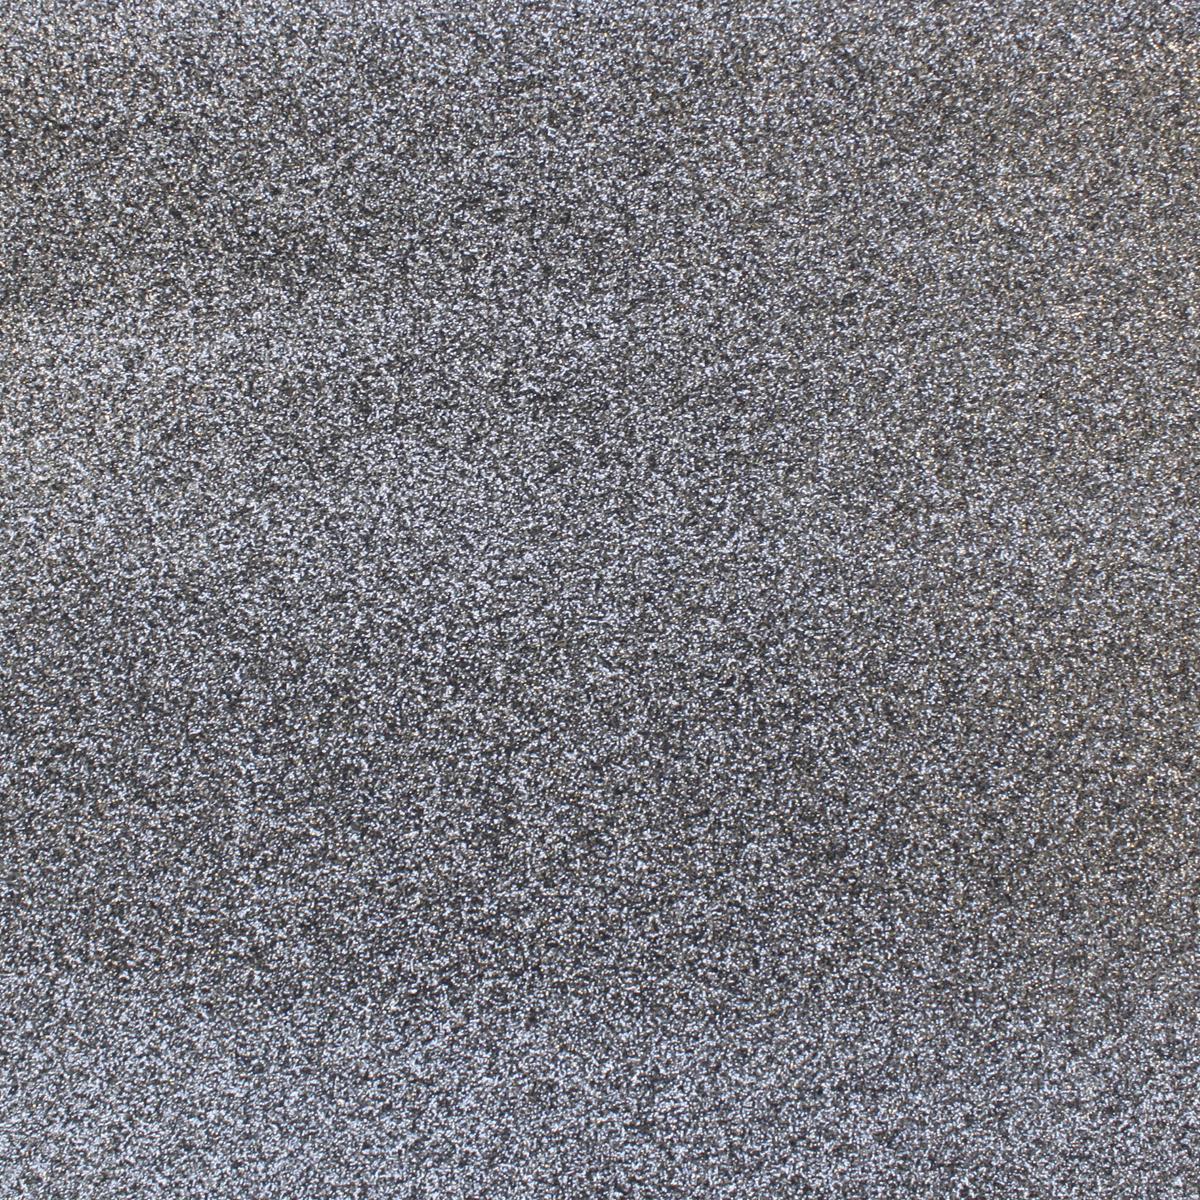 Ткань для рукоделия Ki Sign, с глиттером, цвет: темно-серебристый, 70 х 45 см7716492_28 темное сереброТкань для рукоделия Ki Sign с глиттером (55% ПВХ, 45% полиэстер) предназначена для шитья текстильных кукол и игрушек, пэчворк-работ, для квилтинга и скрапбукинга. Такая ткань удобна в раскрое, не скользит, легко стирается и достаточно прочная.